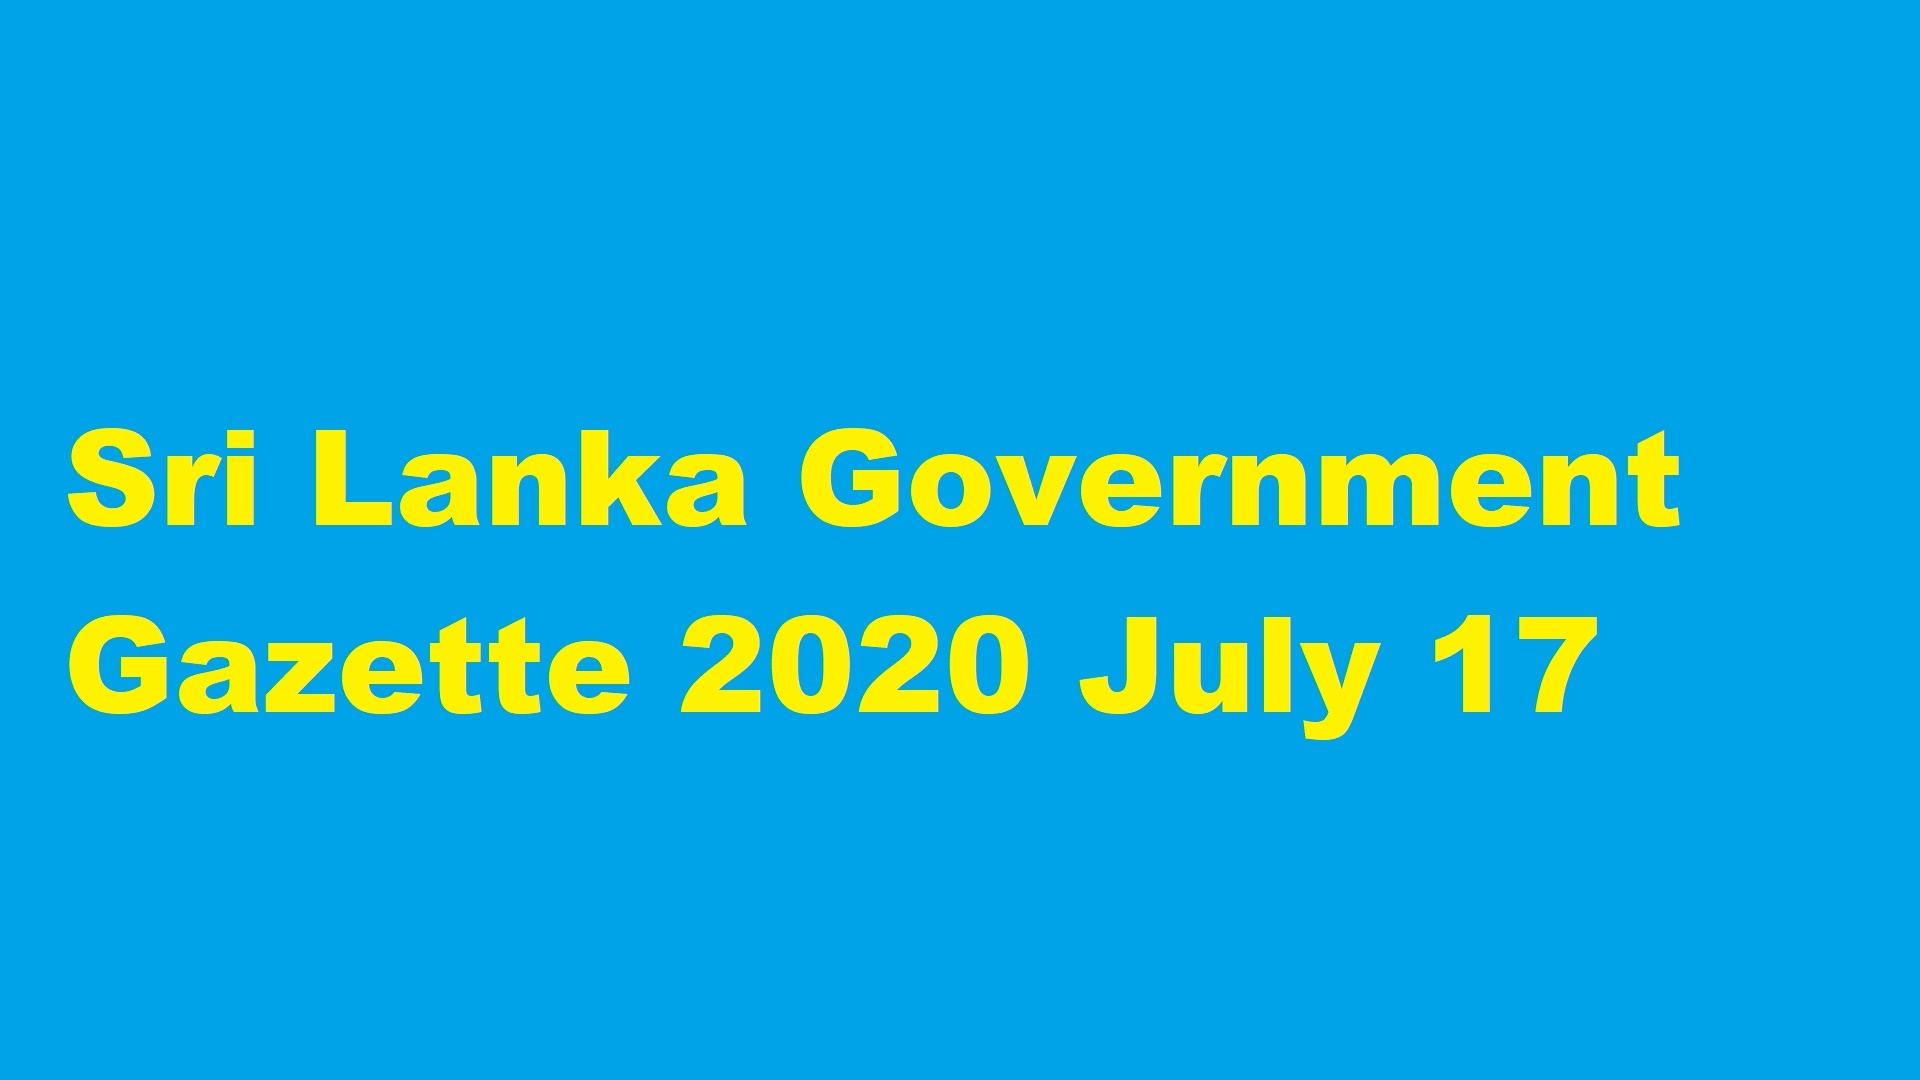 Sri Lanka Government Gazette 2020 July 17